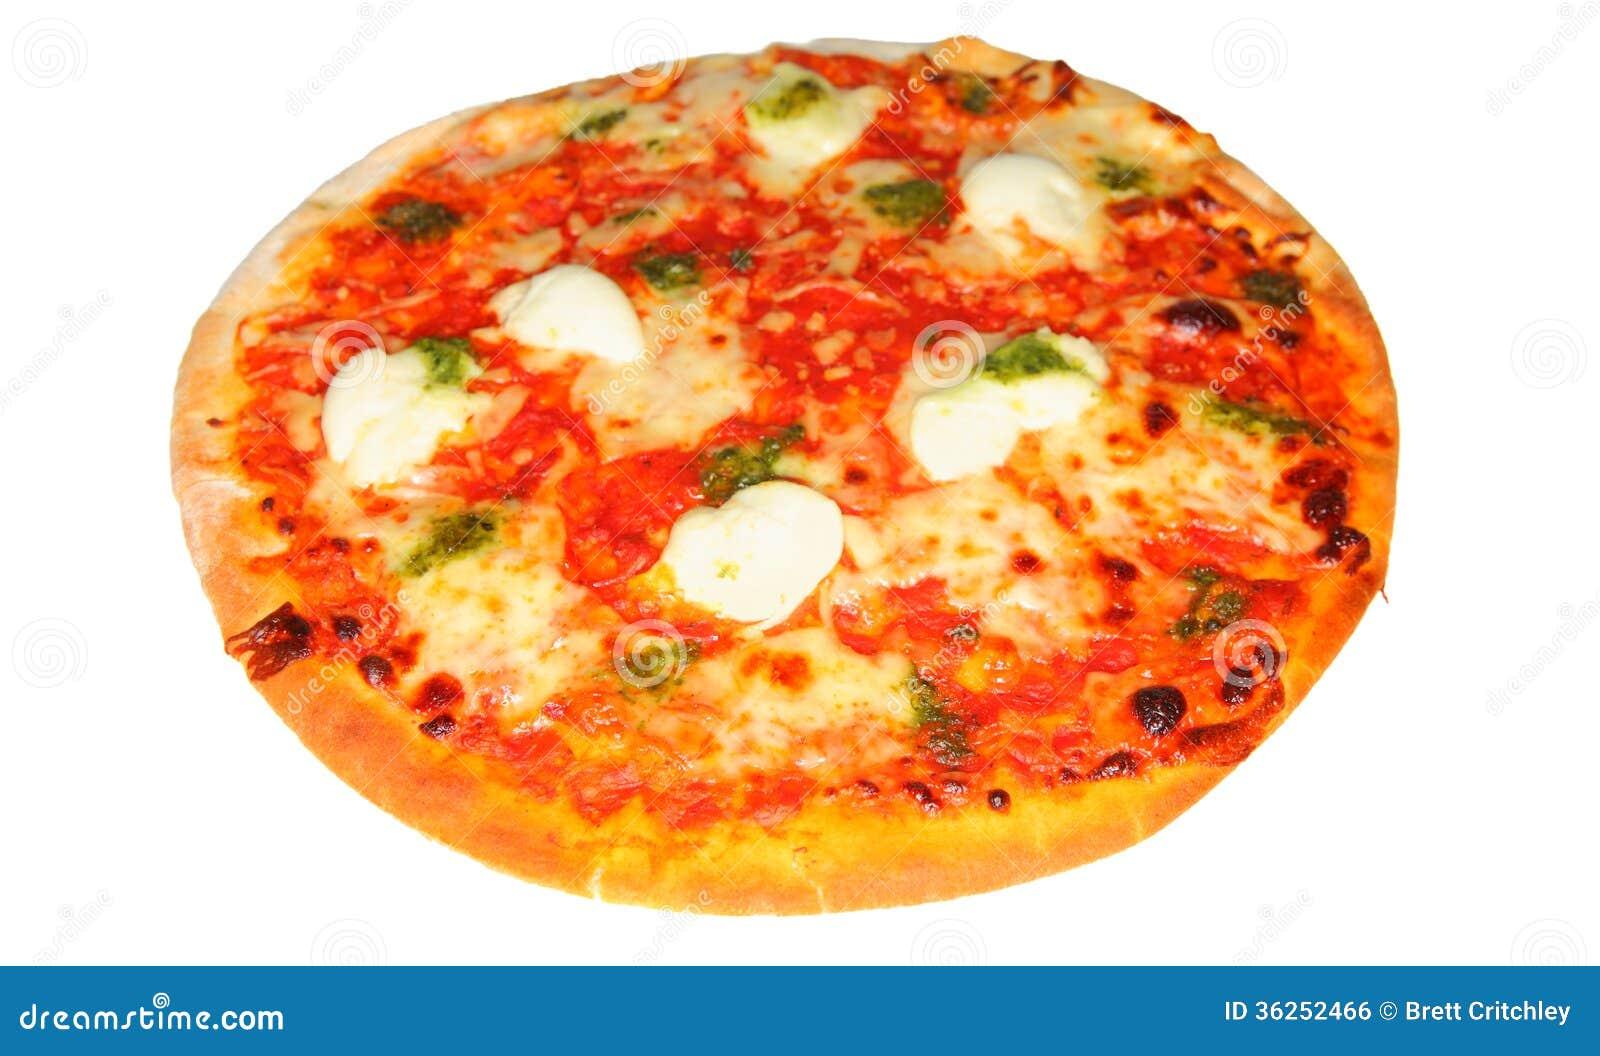 Mozzarella cheese, tomato and pesto pizza on white.